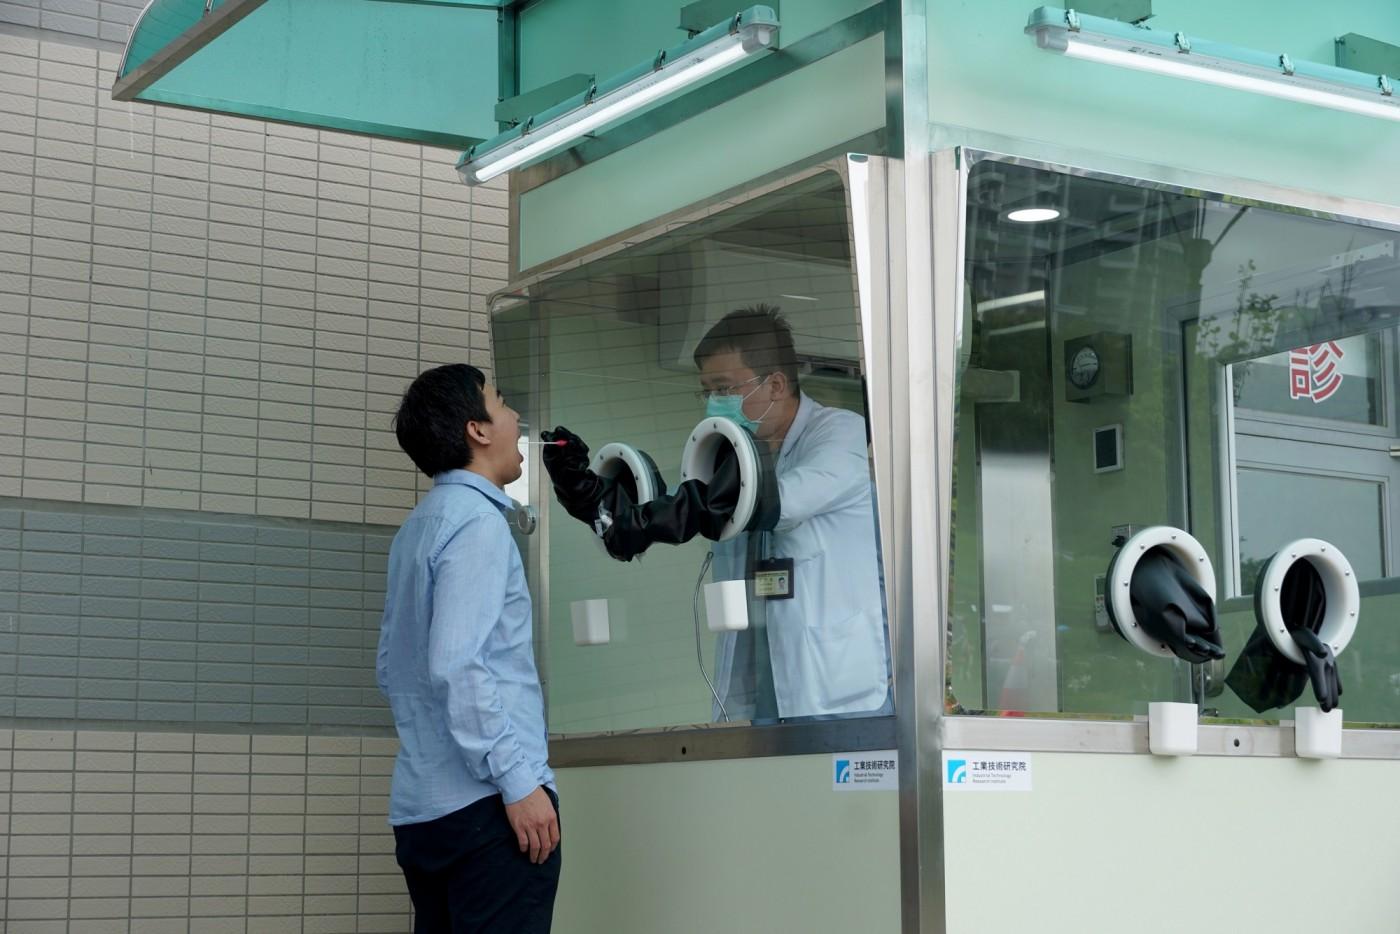 跟悶熱防護衣說再見!MIT「檢疫亭」上線,5特點支援前線醫護